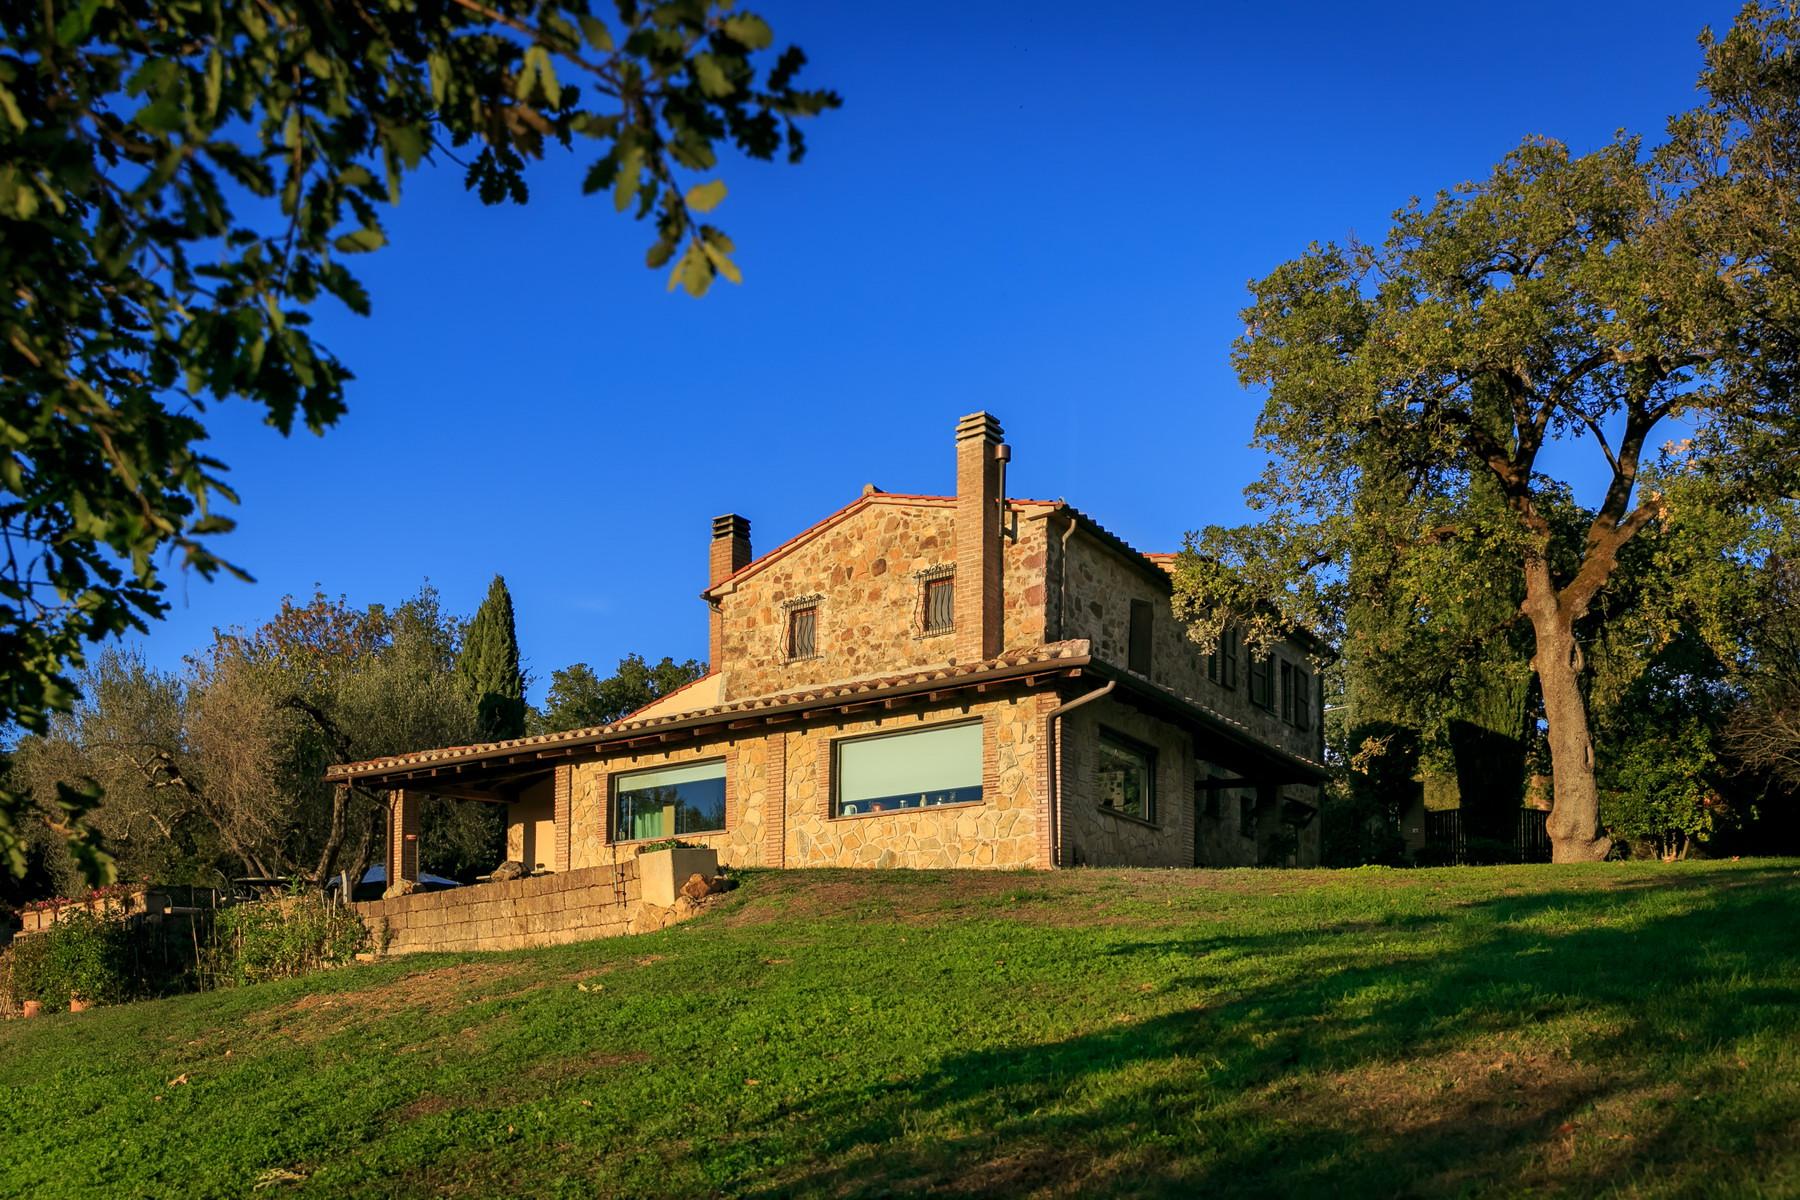 Rustico in Vendita a Manciano: 5 locali, 357 mq - Foto 2